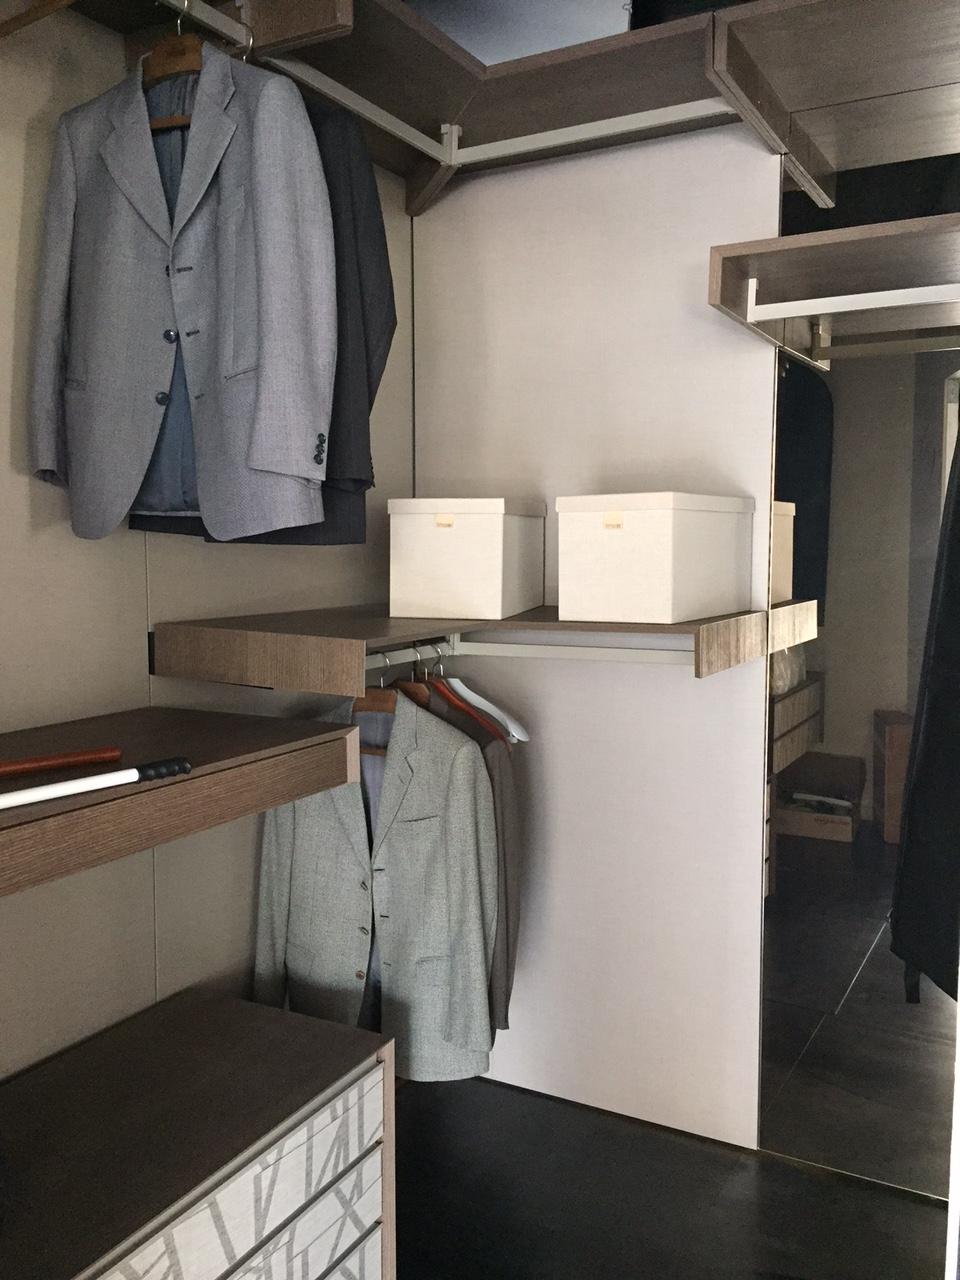 Ante scorrevoli per cabina armadio di pentima mobili - Ante per cabina armadio ...